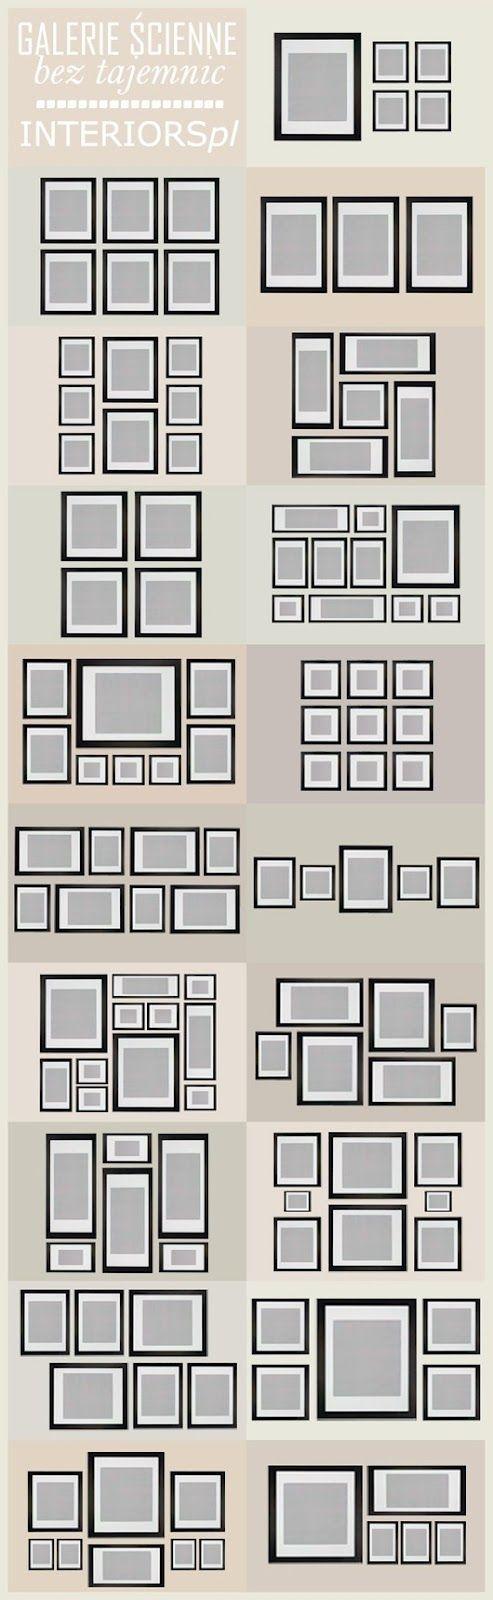 66357794479747149_SxAjyjU2_c.jpeg 493×1.600 pixels